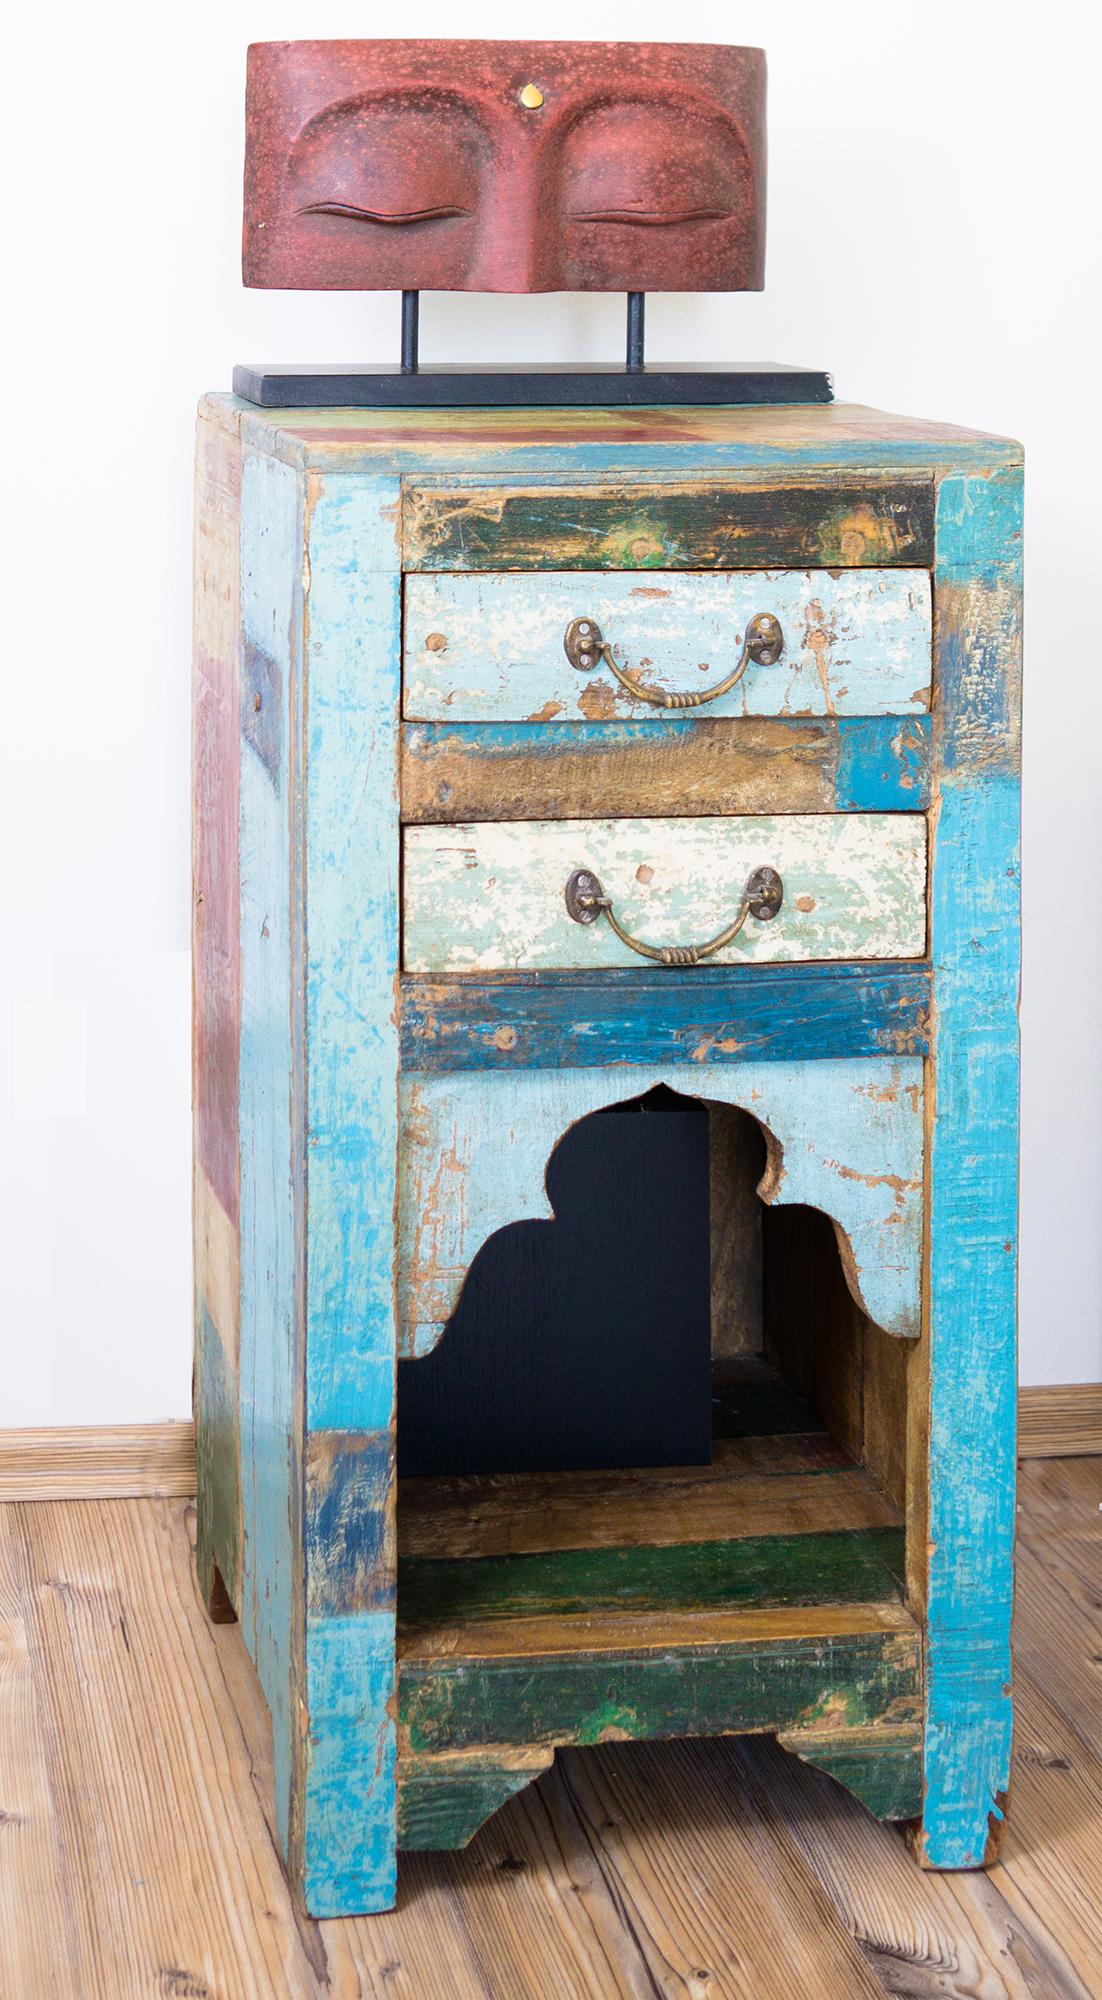 Beistellschrank von Guru-Shop, hergestellt aus antiken Komponenten indischer Möbel. #indischemöbel Beistellschrank von Guru-Shop, hergestellt aus antiken Komponenten indischer Möbel. #indischemöbel